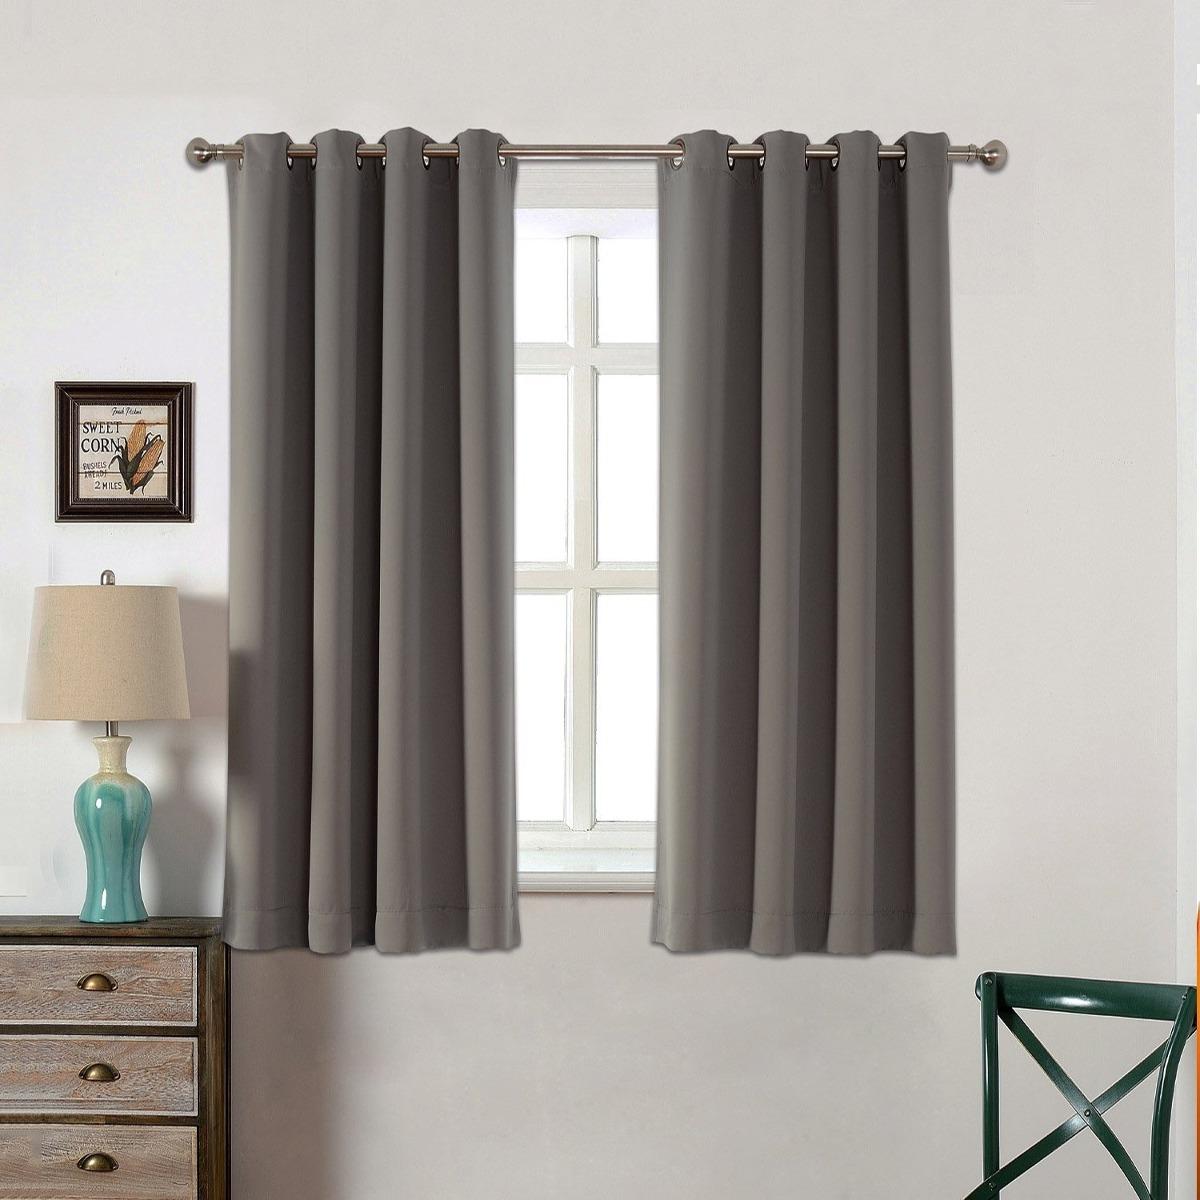 Cortinas para dormitorio acelitor 52x63 pulg gris for Cortinas gruesas para dormitorios